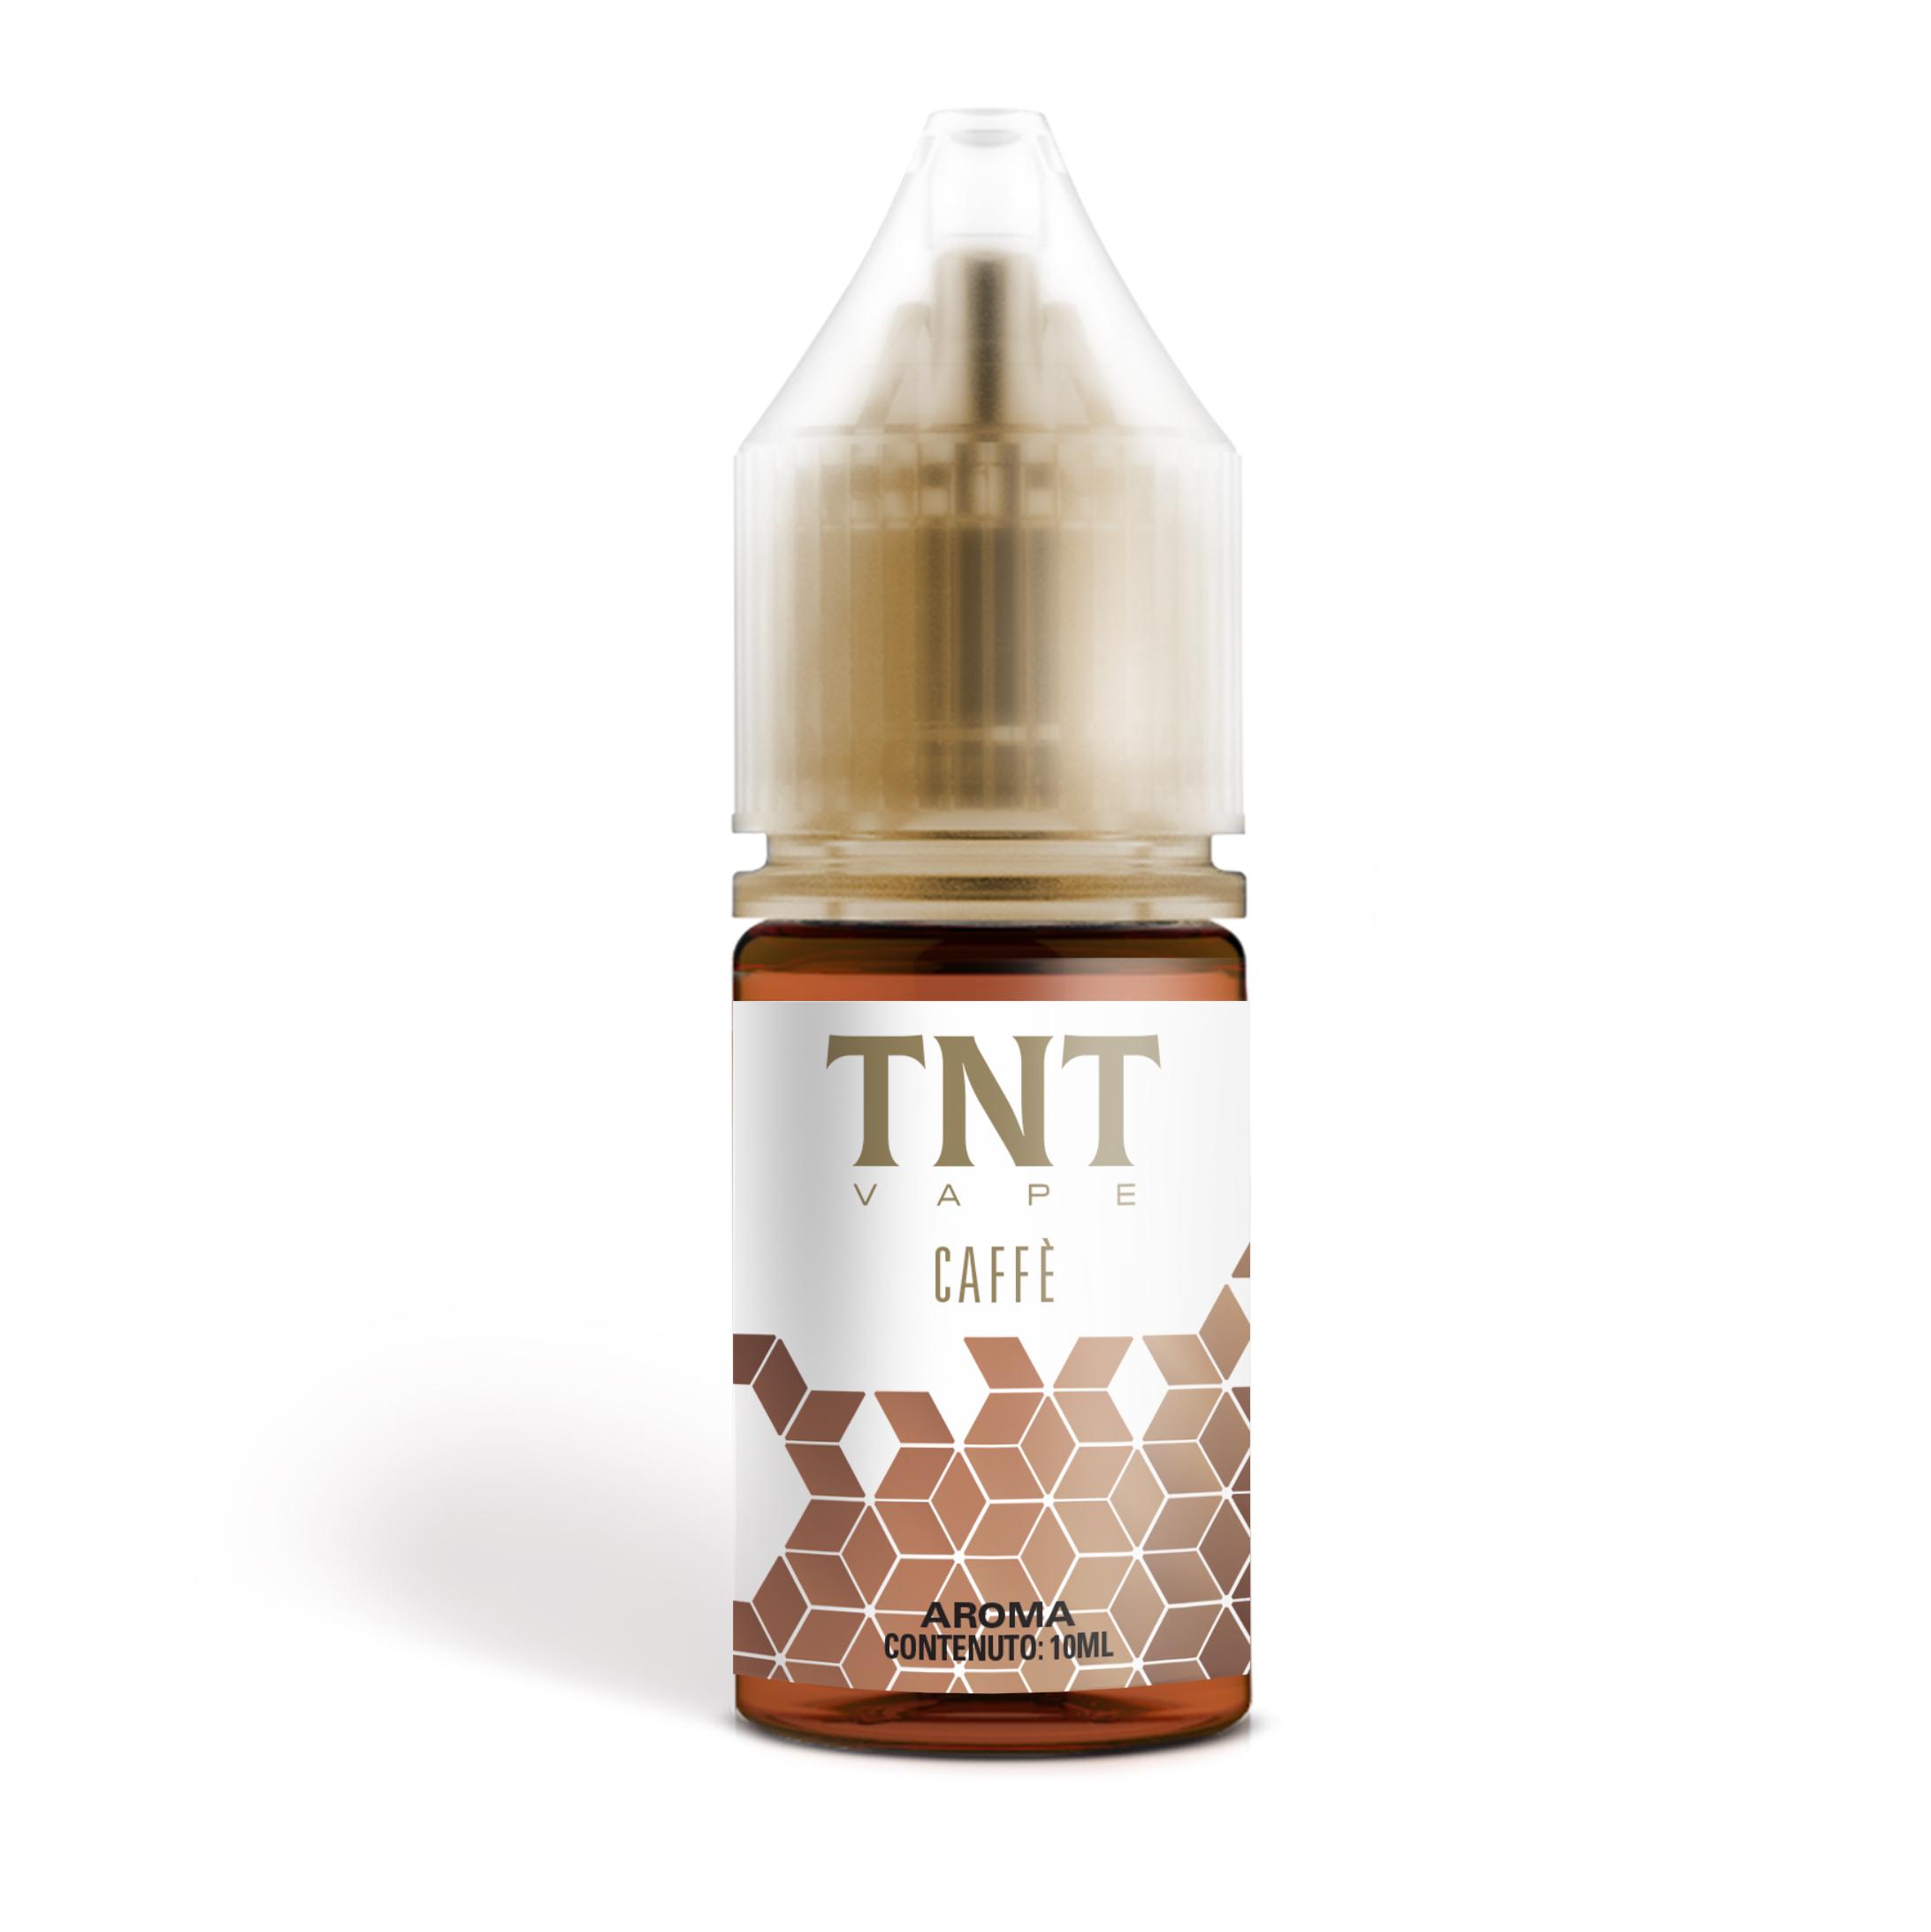 Aroma al Caffè della TNT Vape serie Colors. Svapabile all day.